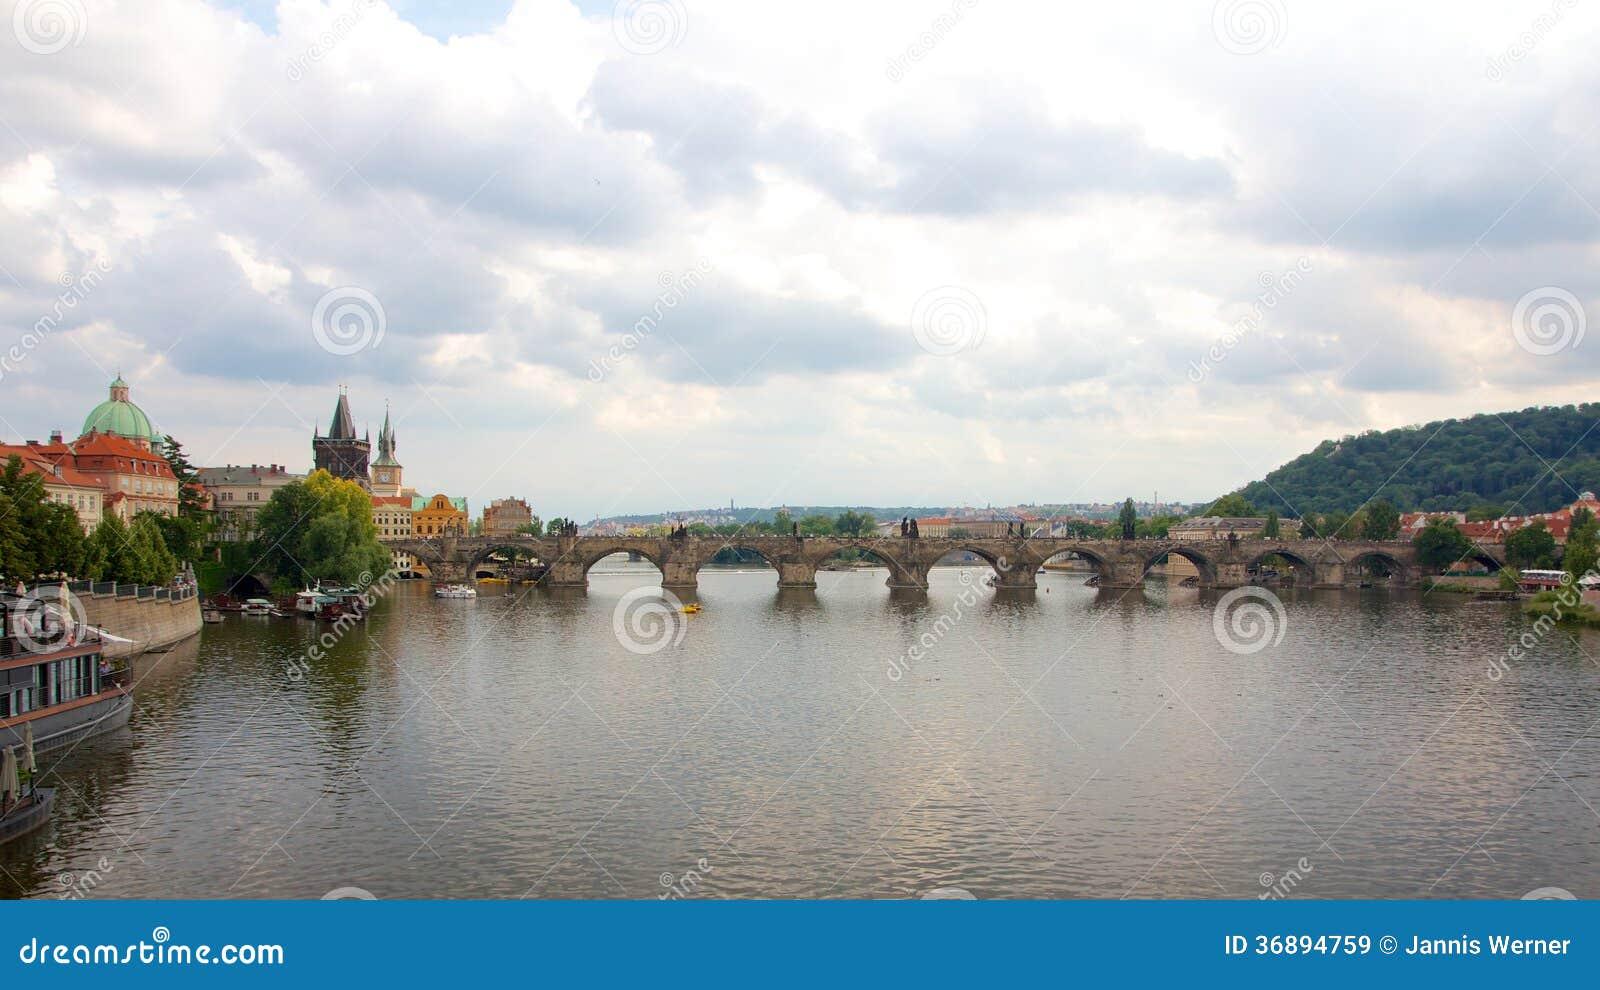 Download Charles Bridge Prague immagine stock. Immagine di ceco - 36894759